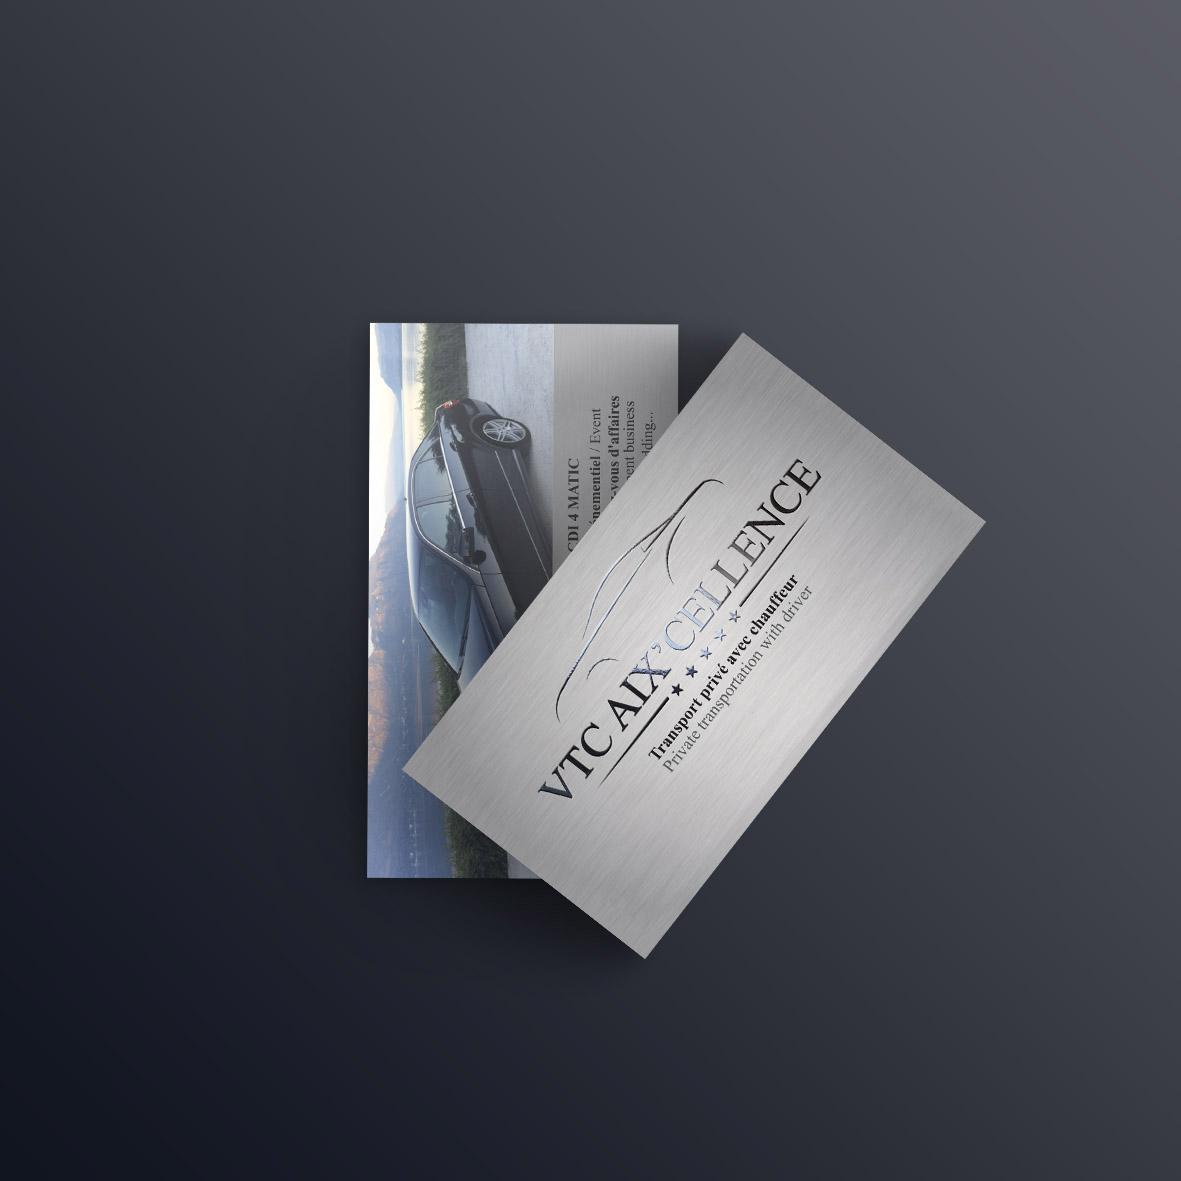 Ralisation Du Logo Pour VTC Aixcellence Chauffeur Priv Bas Aix Les